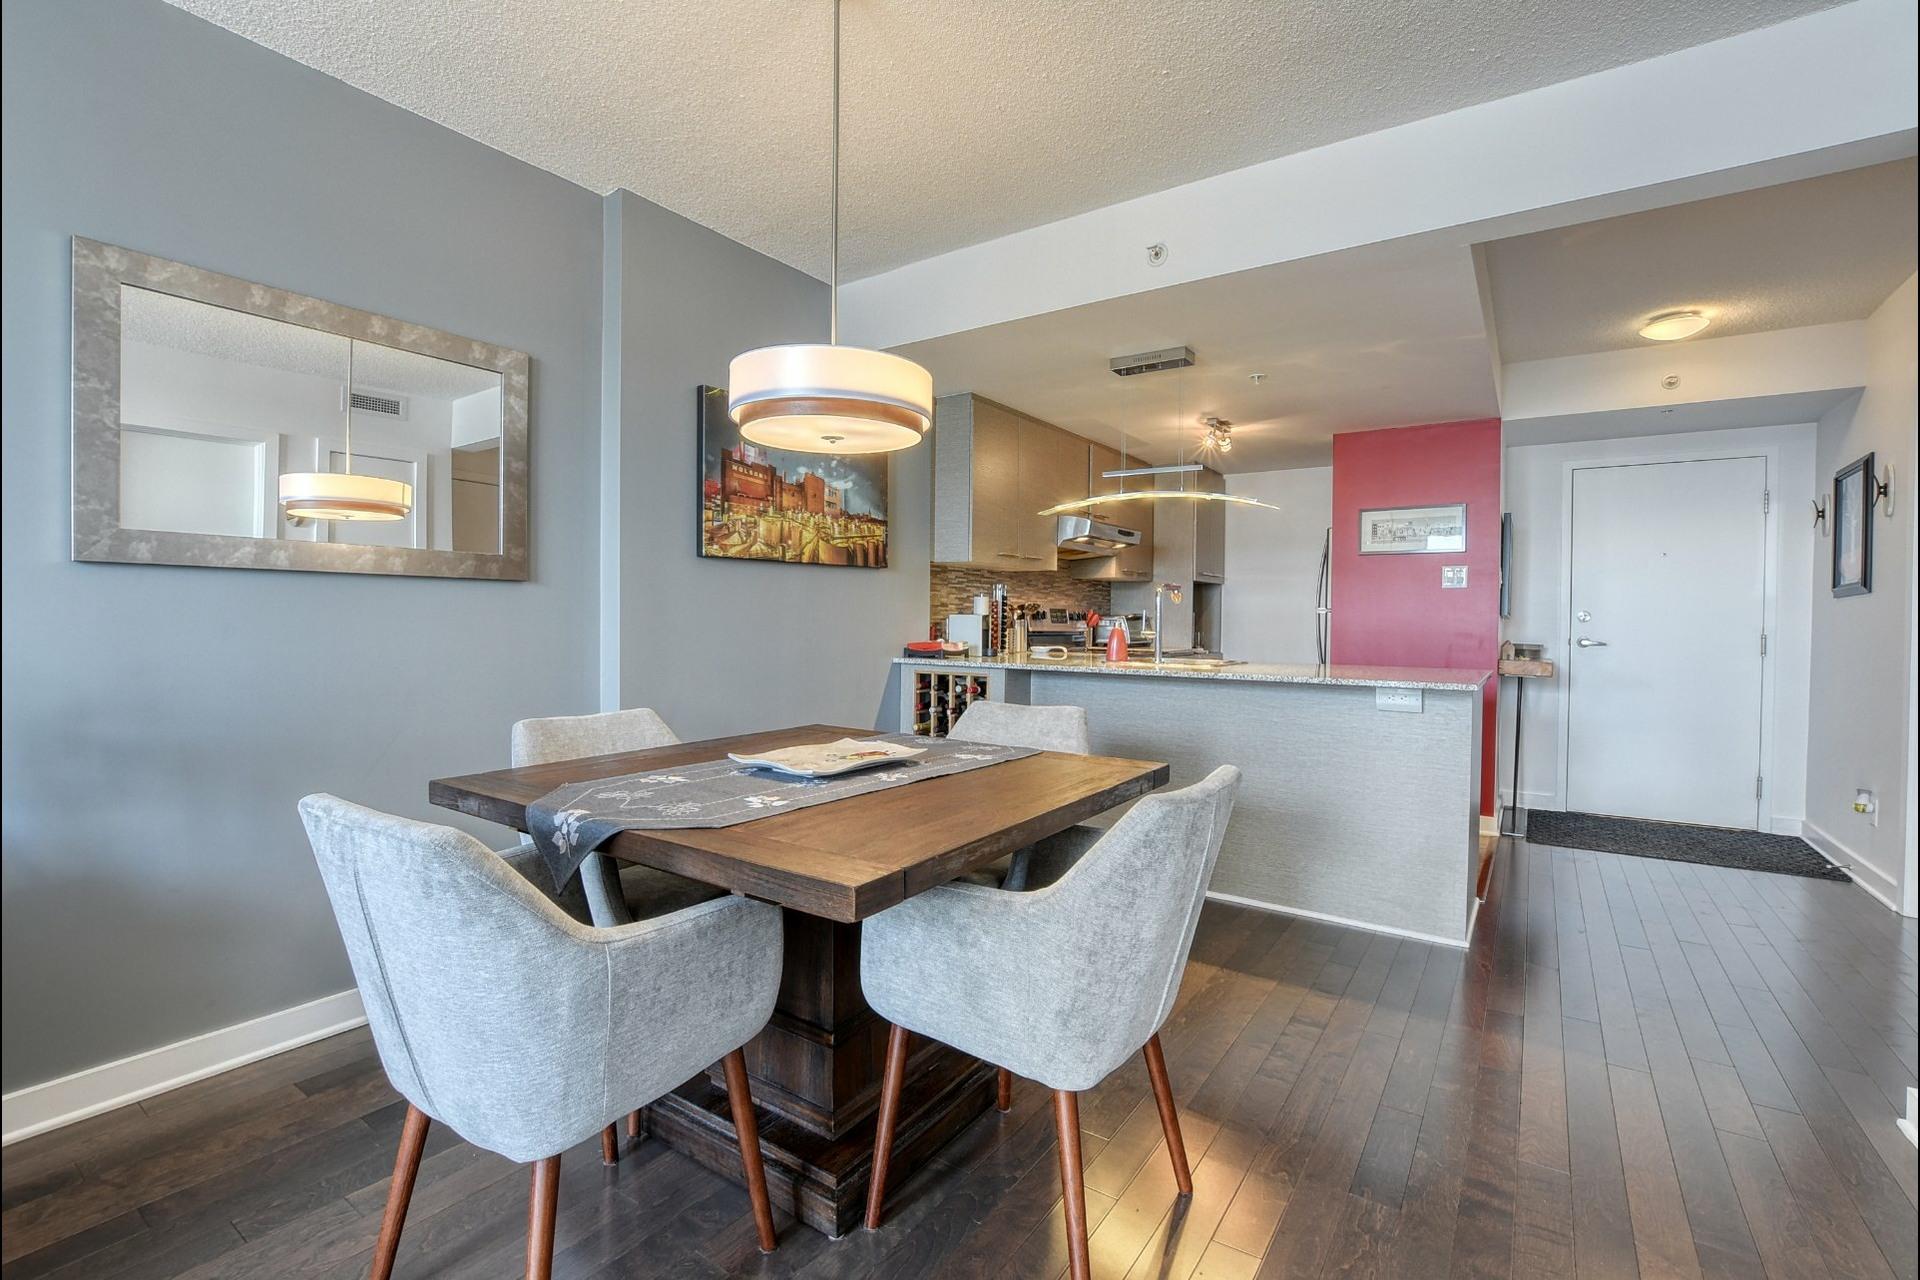 image 9 - Appartement À vendre Ahuntsic-Cartierville Montréal  - 4 pièces